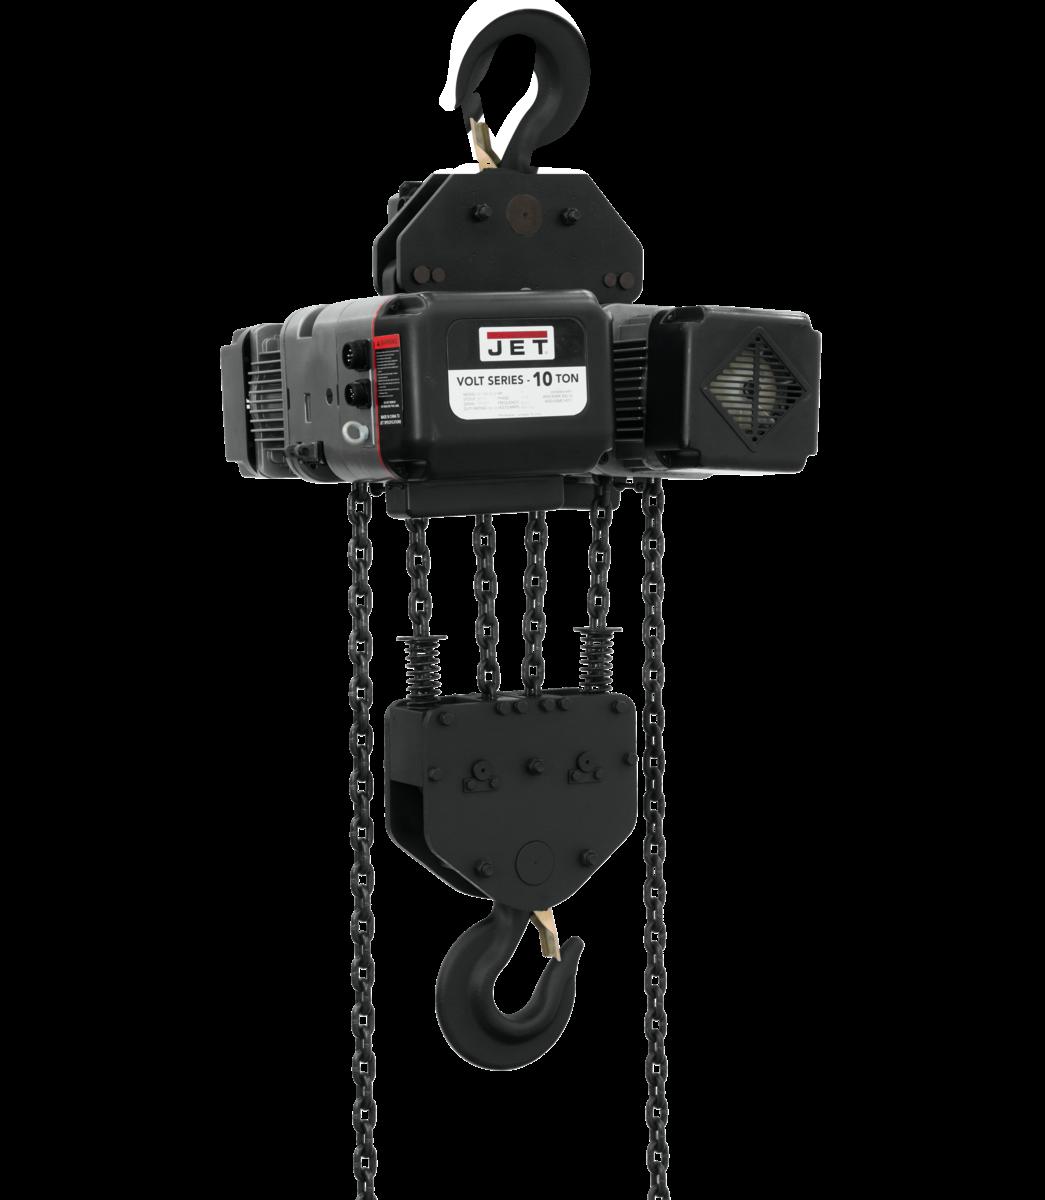 VOLT 10T VARIABLE-SPEED ELECTRIC HOIST 3PH 460V 20' LIFT